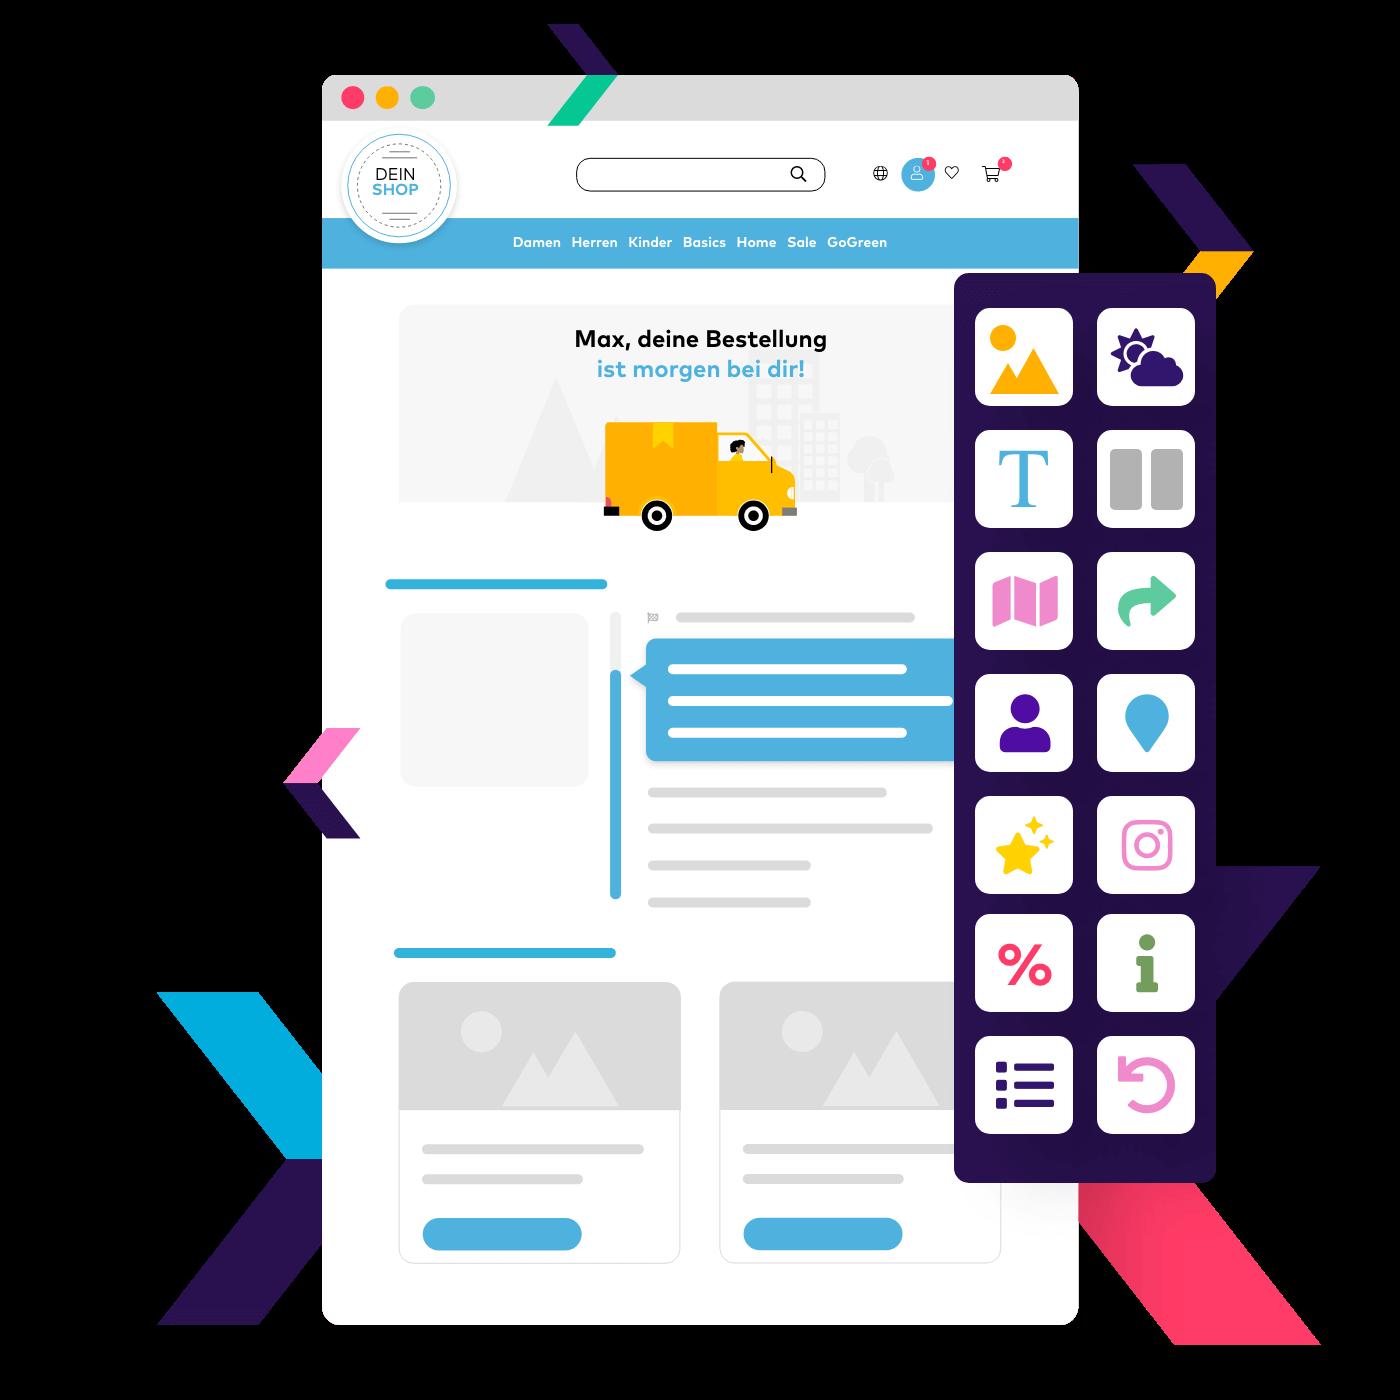 Der einfachste Weg zur eigenen Track & Trace Seite. Erstelle auf Basis vielfältiger Vorlagen deine eigene Track & Trace Seite im eigenen Corporate Design und informiere Kunden übersichtlich über den Status ihrer Paketreise.